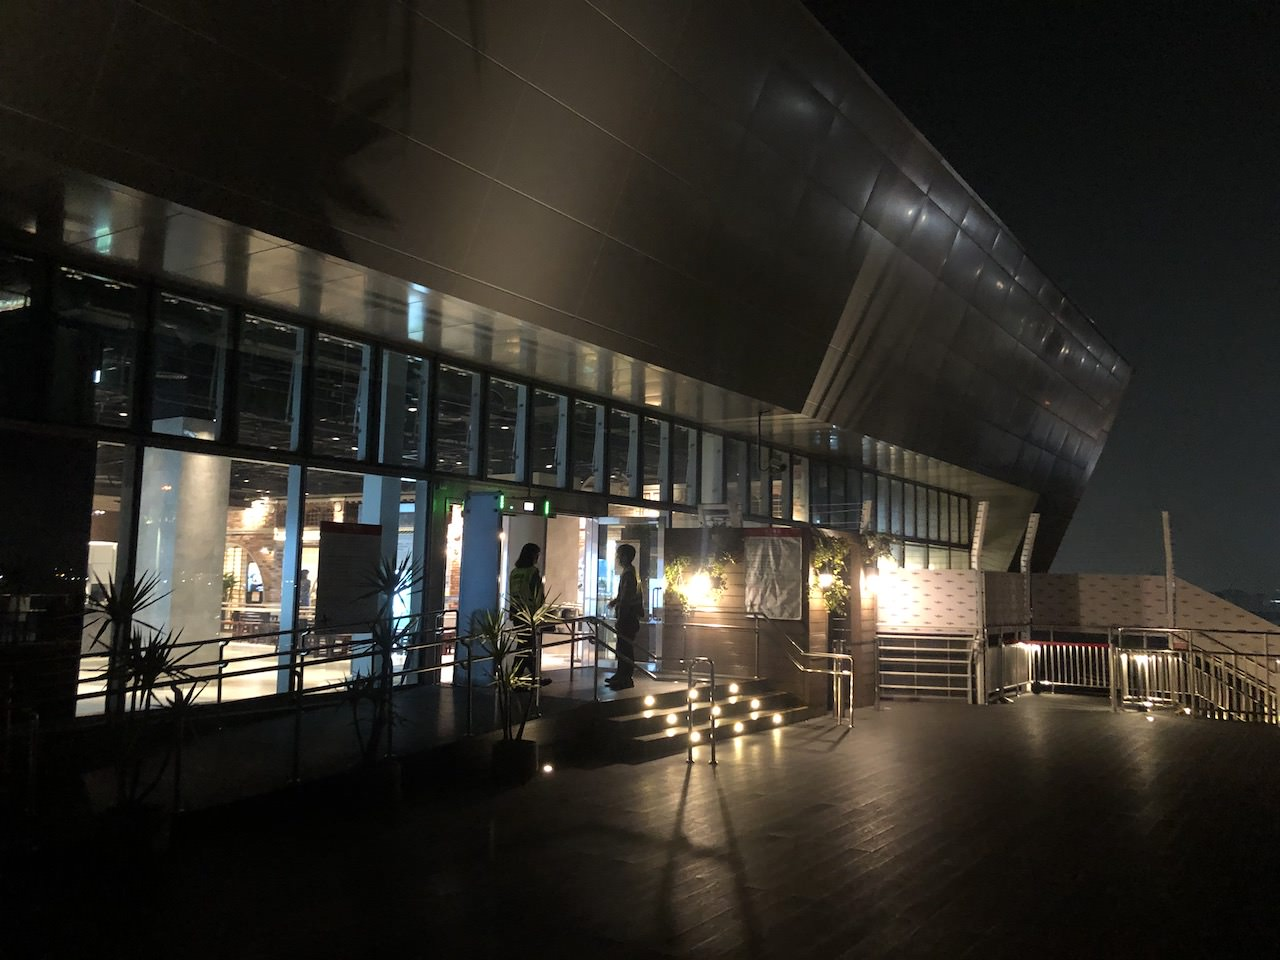 桃園空港第2ターミナル 5階 南側展望デッキ